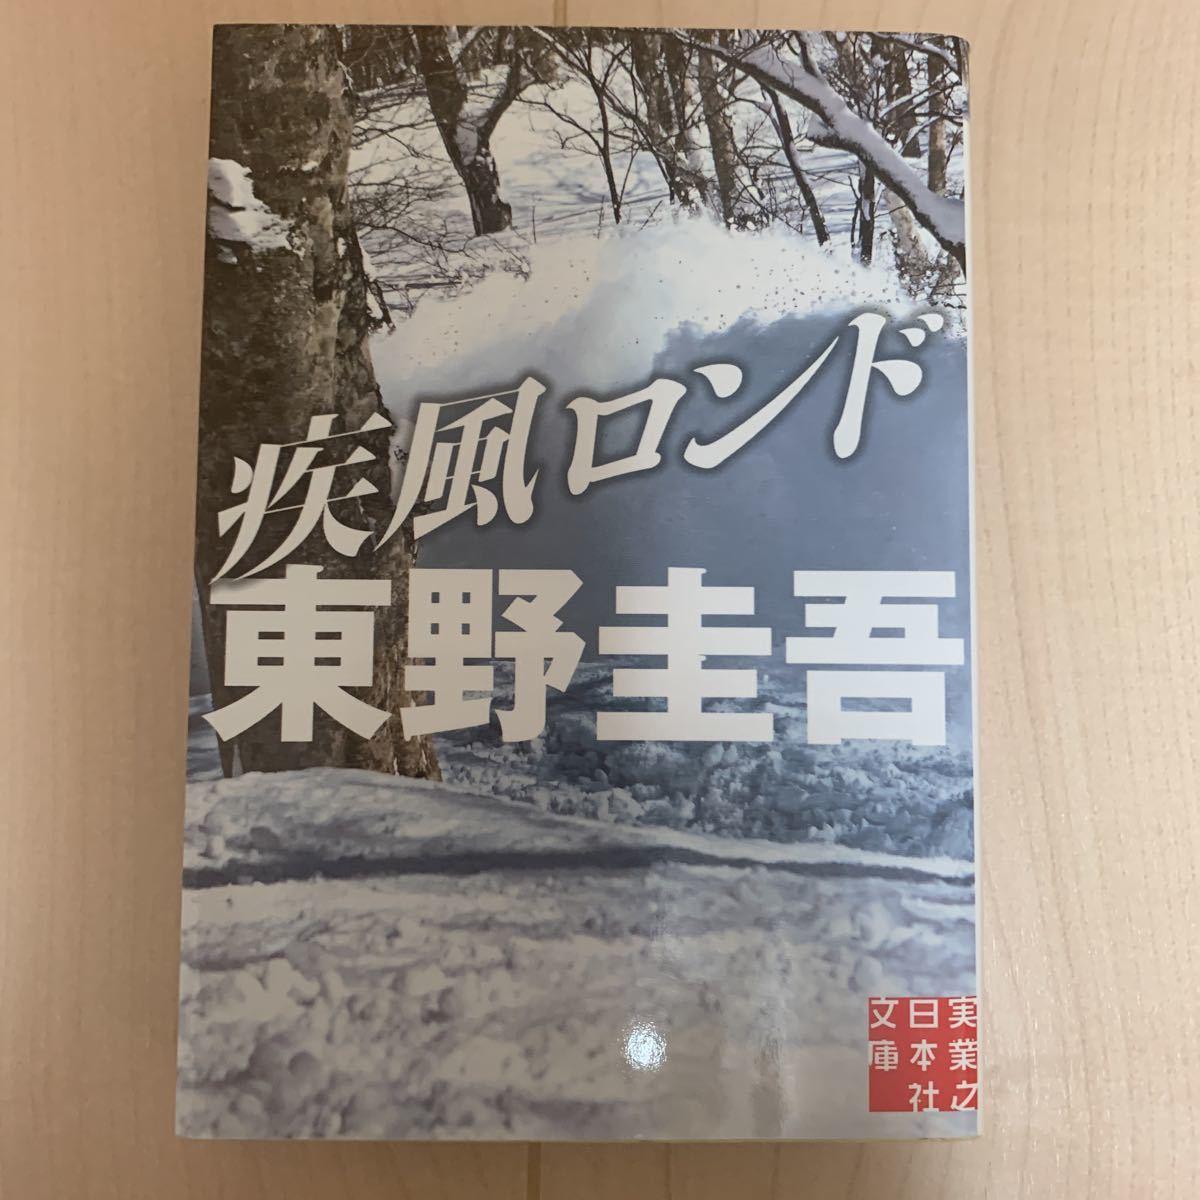 東野圭吾 疾風ロンド 文庫本